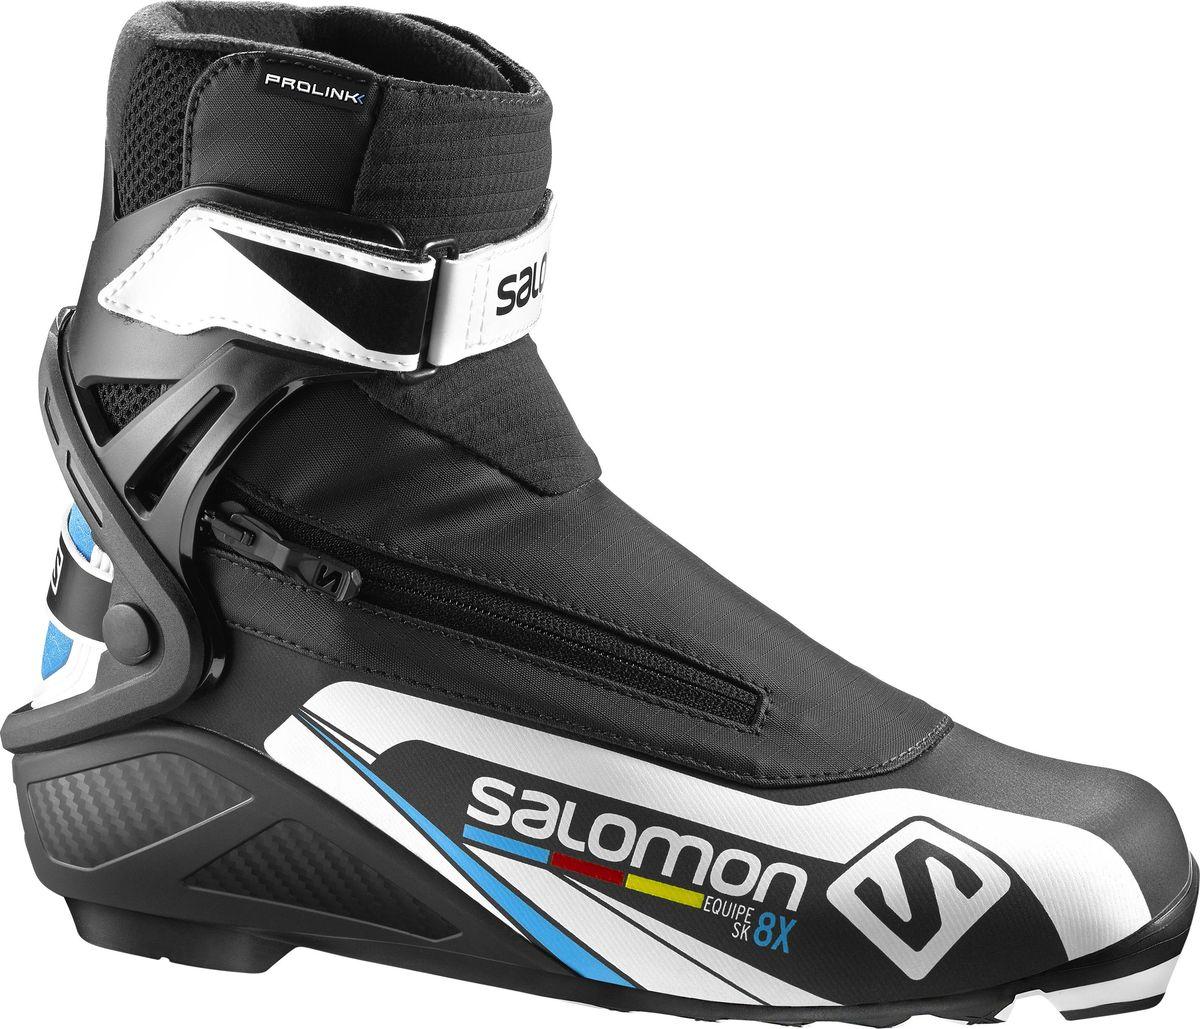 Ботинки для беговых лыж Salomon Equipe 8X Skate Prolink, цвет: черный. Размер 10 (43)L39417500В ботинках Salomon Equipe 8X Skate Prolink совмещены системы термоформовки Custom fit с инновационной раздельной системой быстрого шнурования для великолепного комфорта. Манжета Energyzer cuff обеспечит мощную и прогрессивную боковую поддержку. Ботинки созданы для любителей лыжного спорта, ценящих рабочие характеристики и желающих приобрести ботинки по доступной цене.